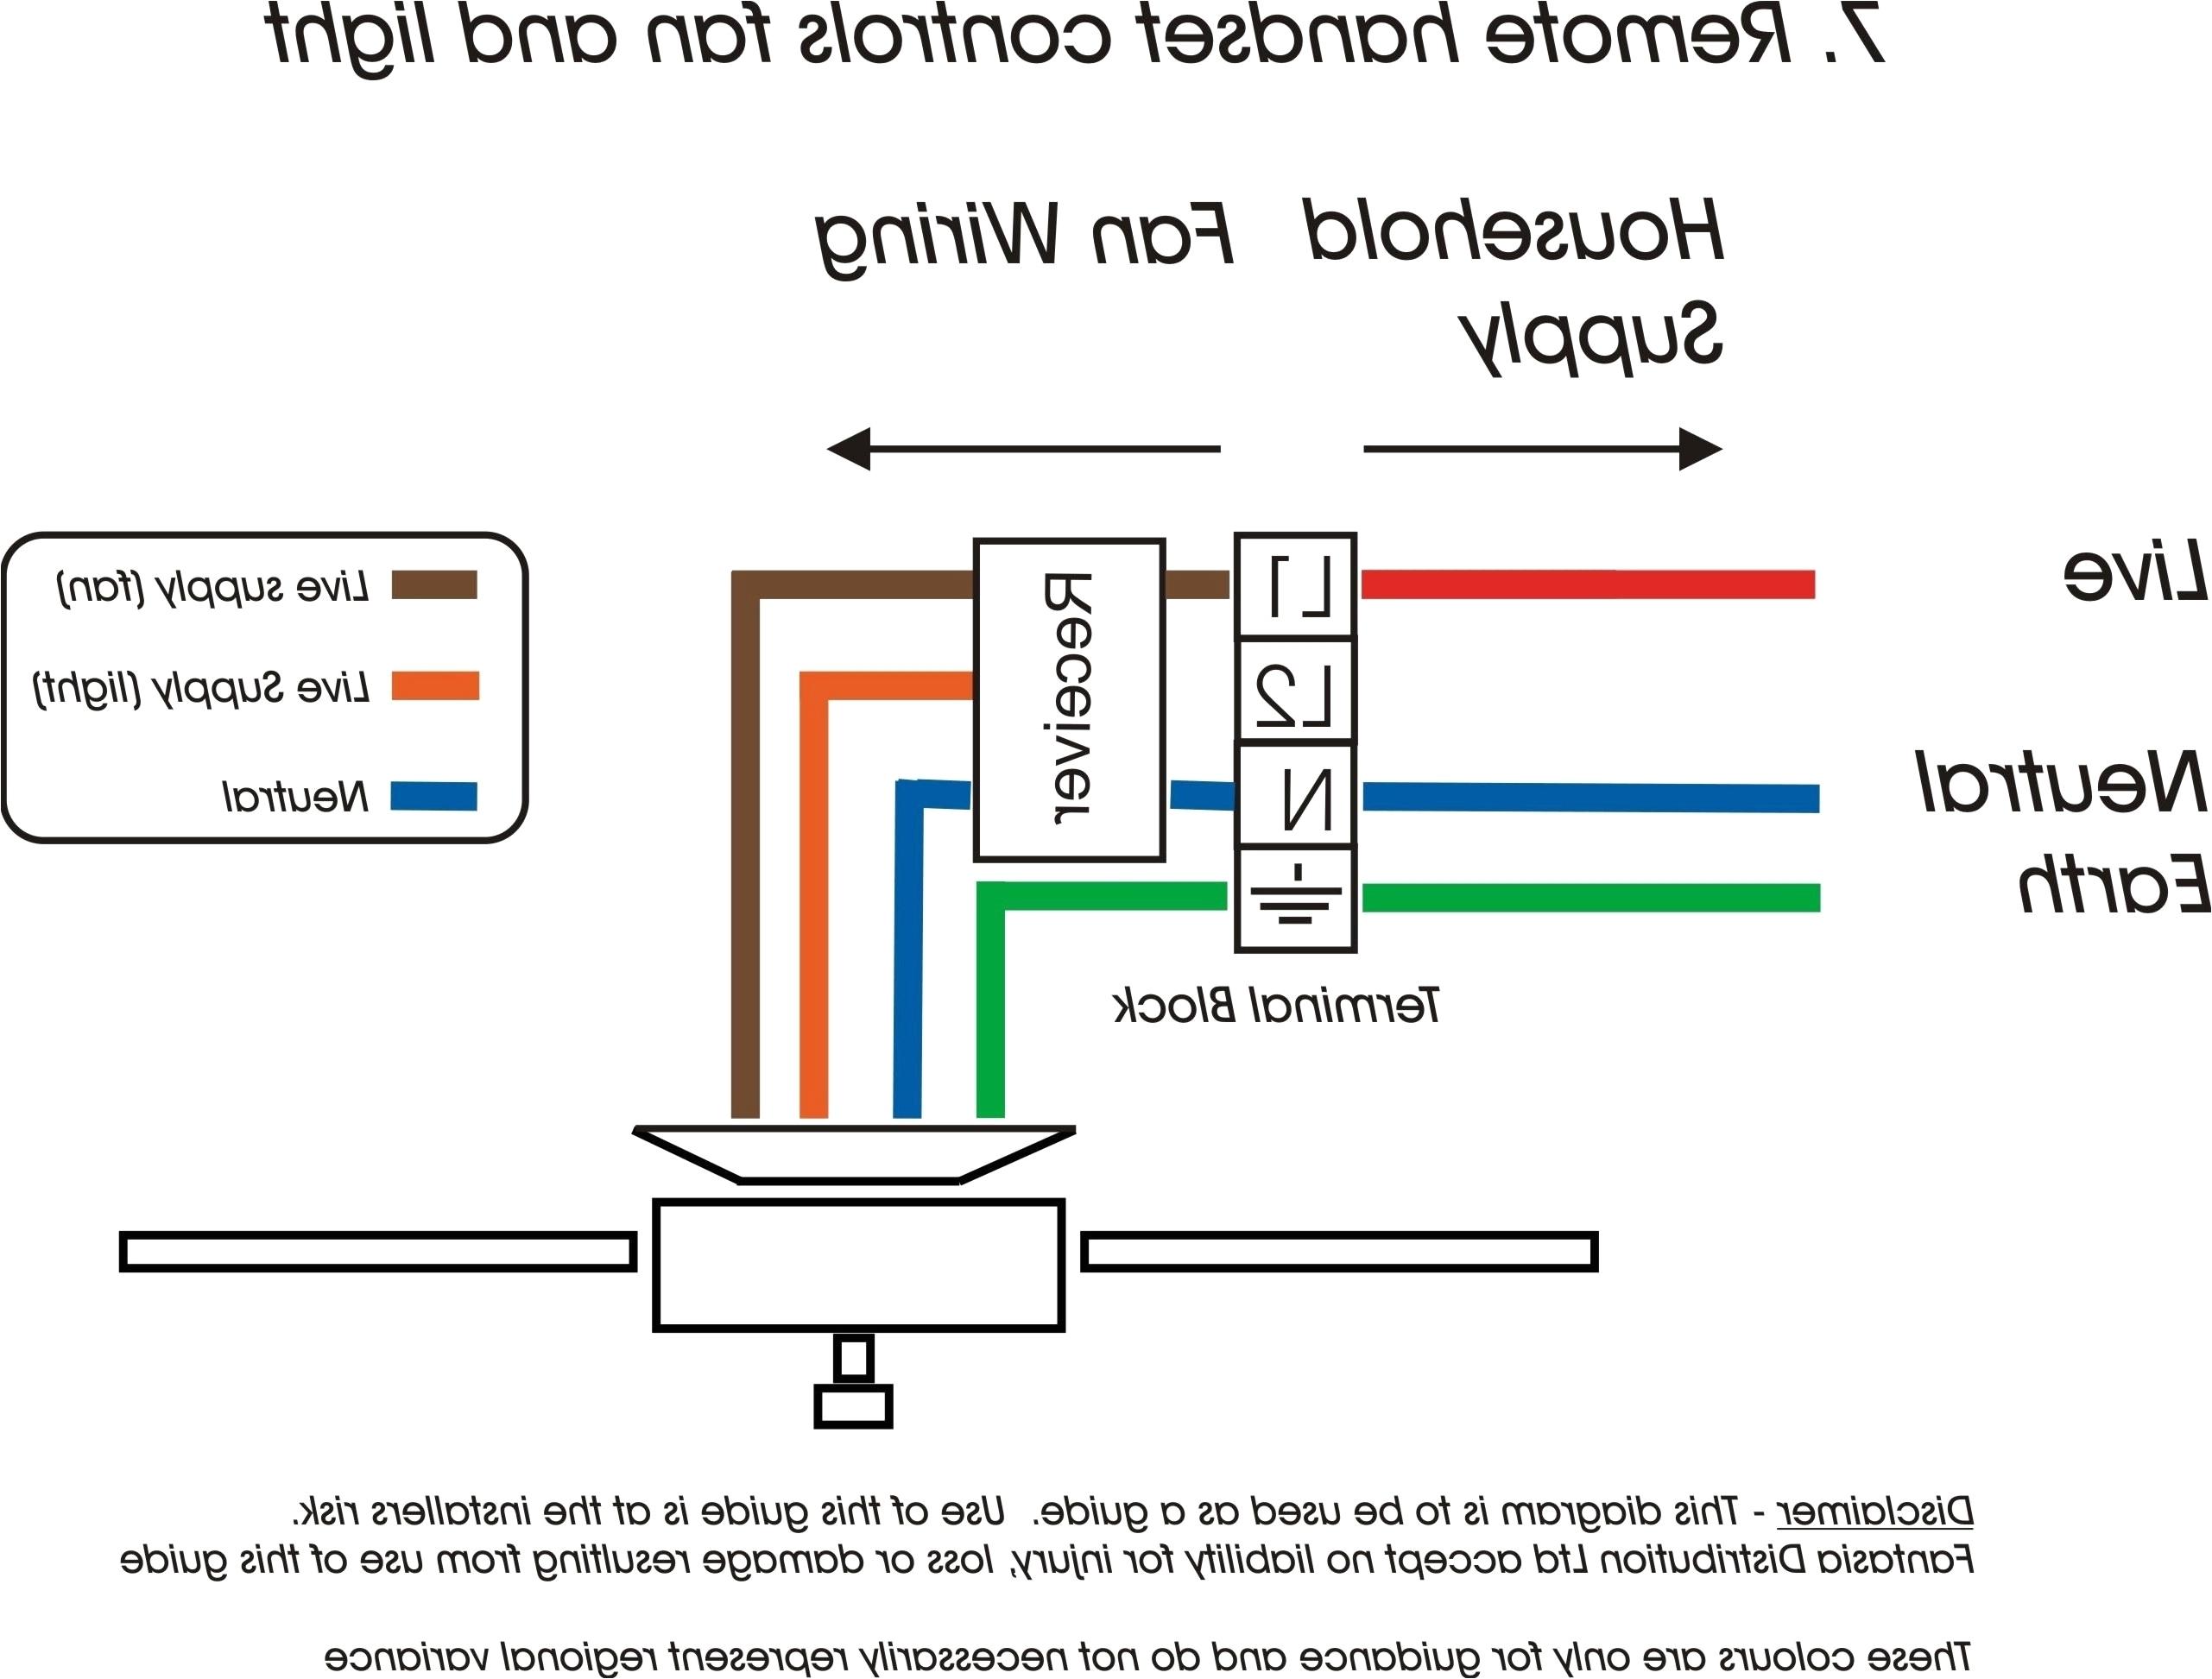 4 wire trailer light diagram new trailer wiring diagram 4 pin elegant anderson trailer wiring wire